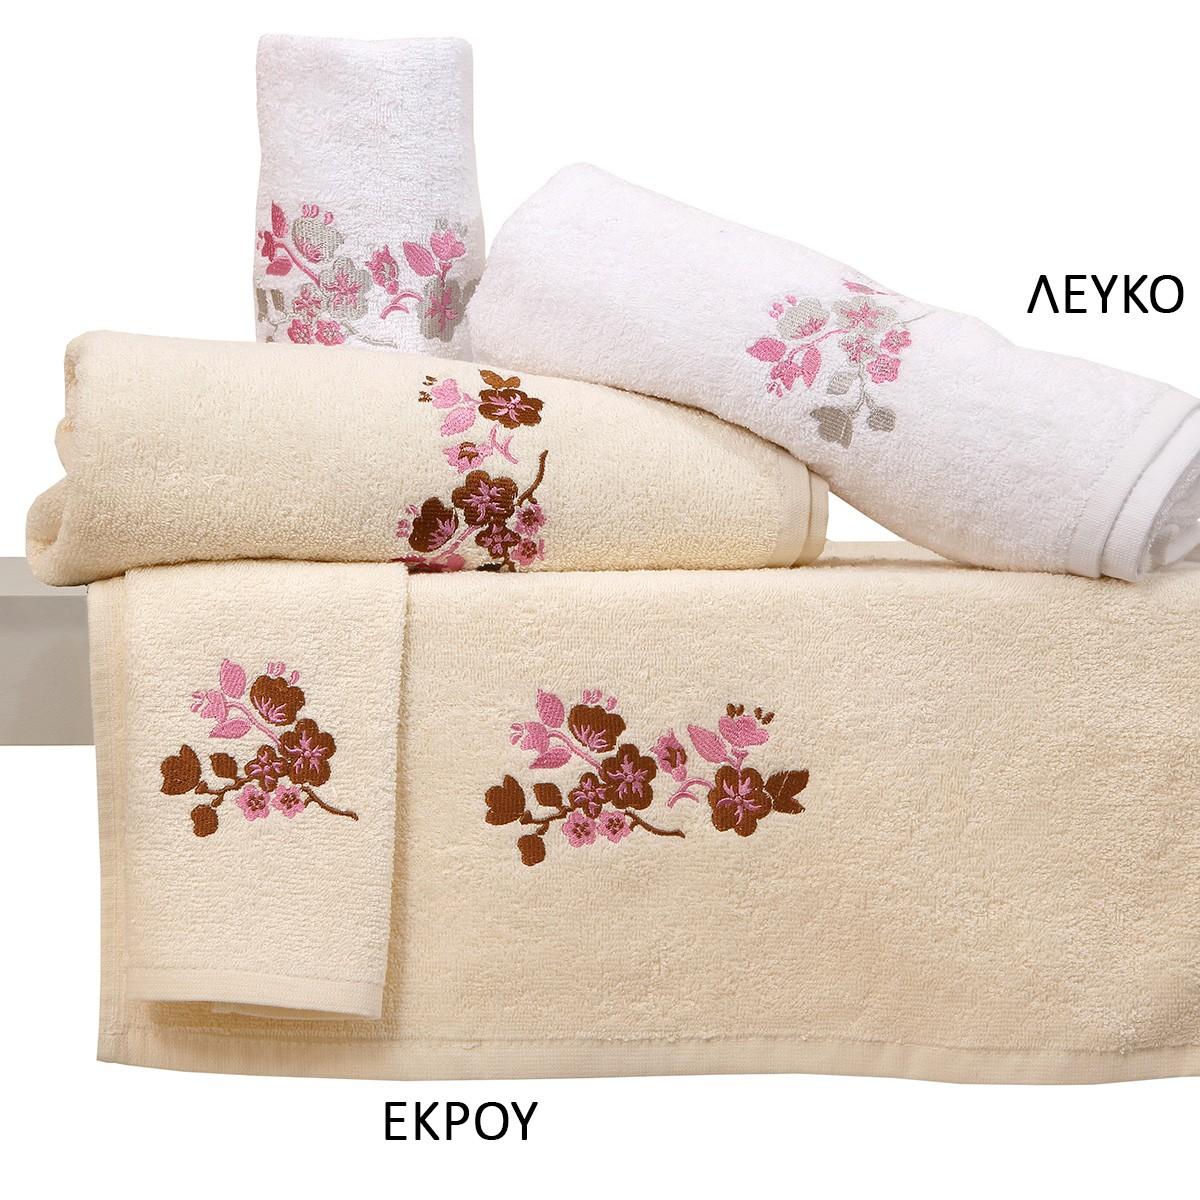 Πετσέτες Μπάνιου (Σετ 3τμχ) Viopros Applique Bath Σχ 11